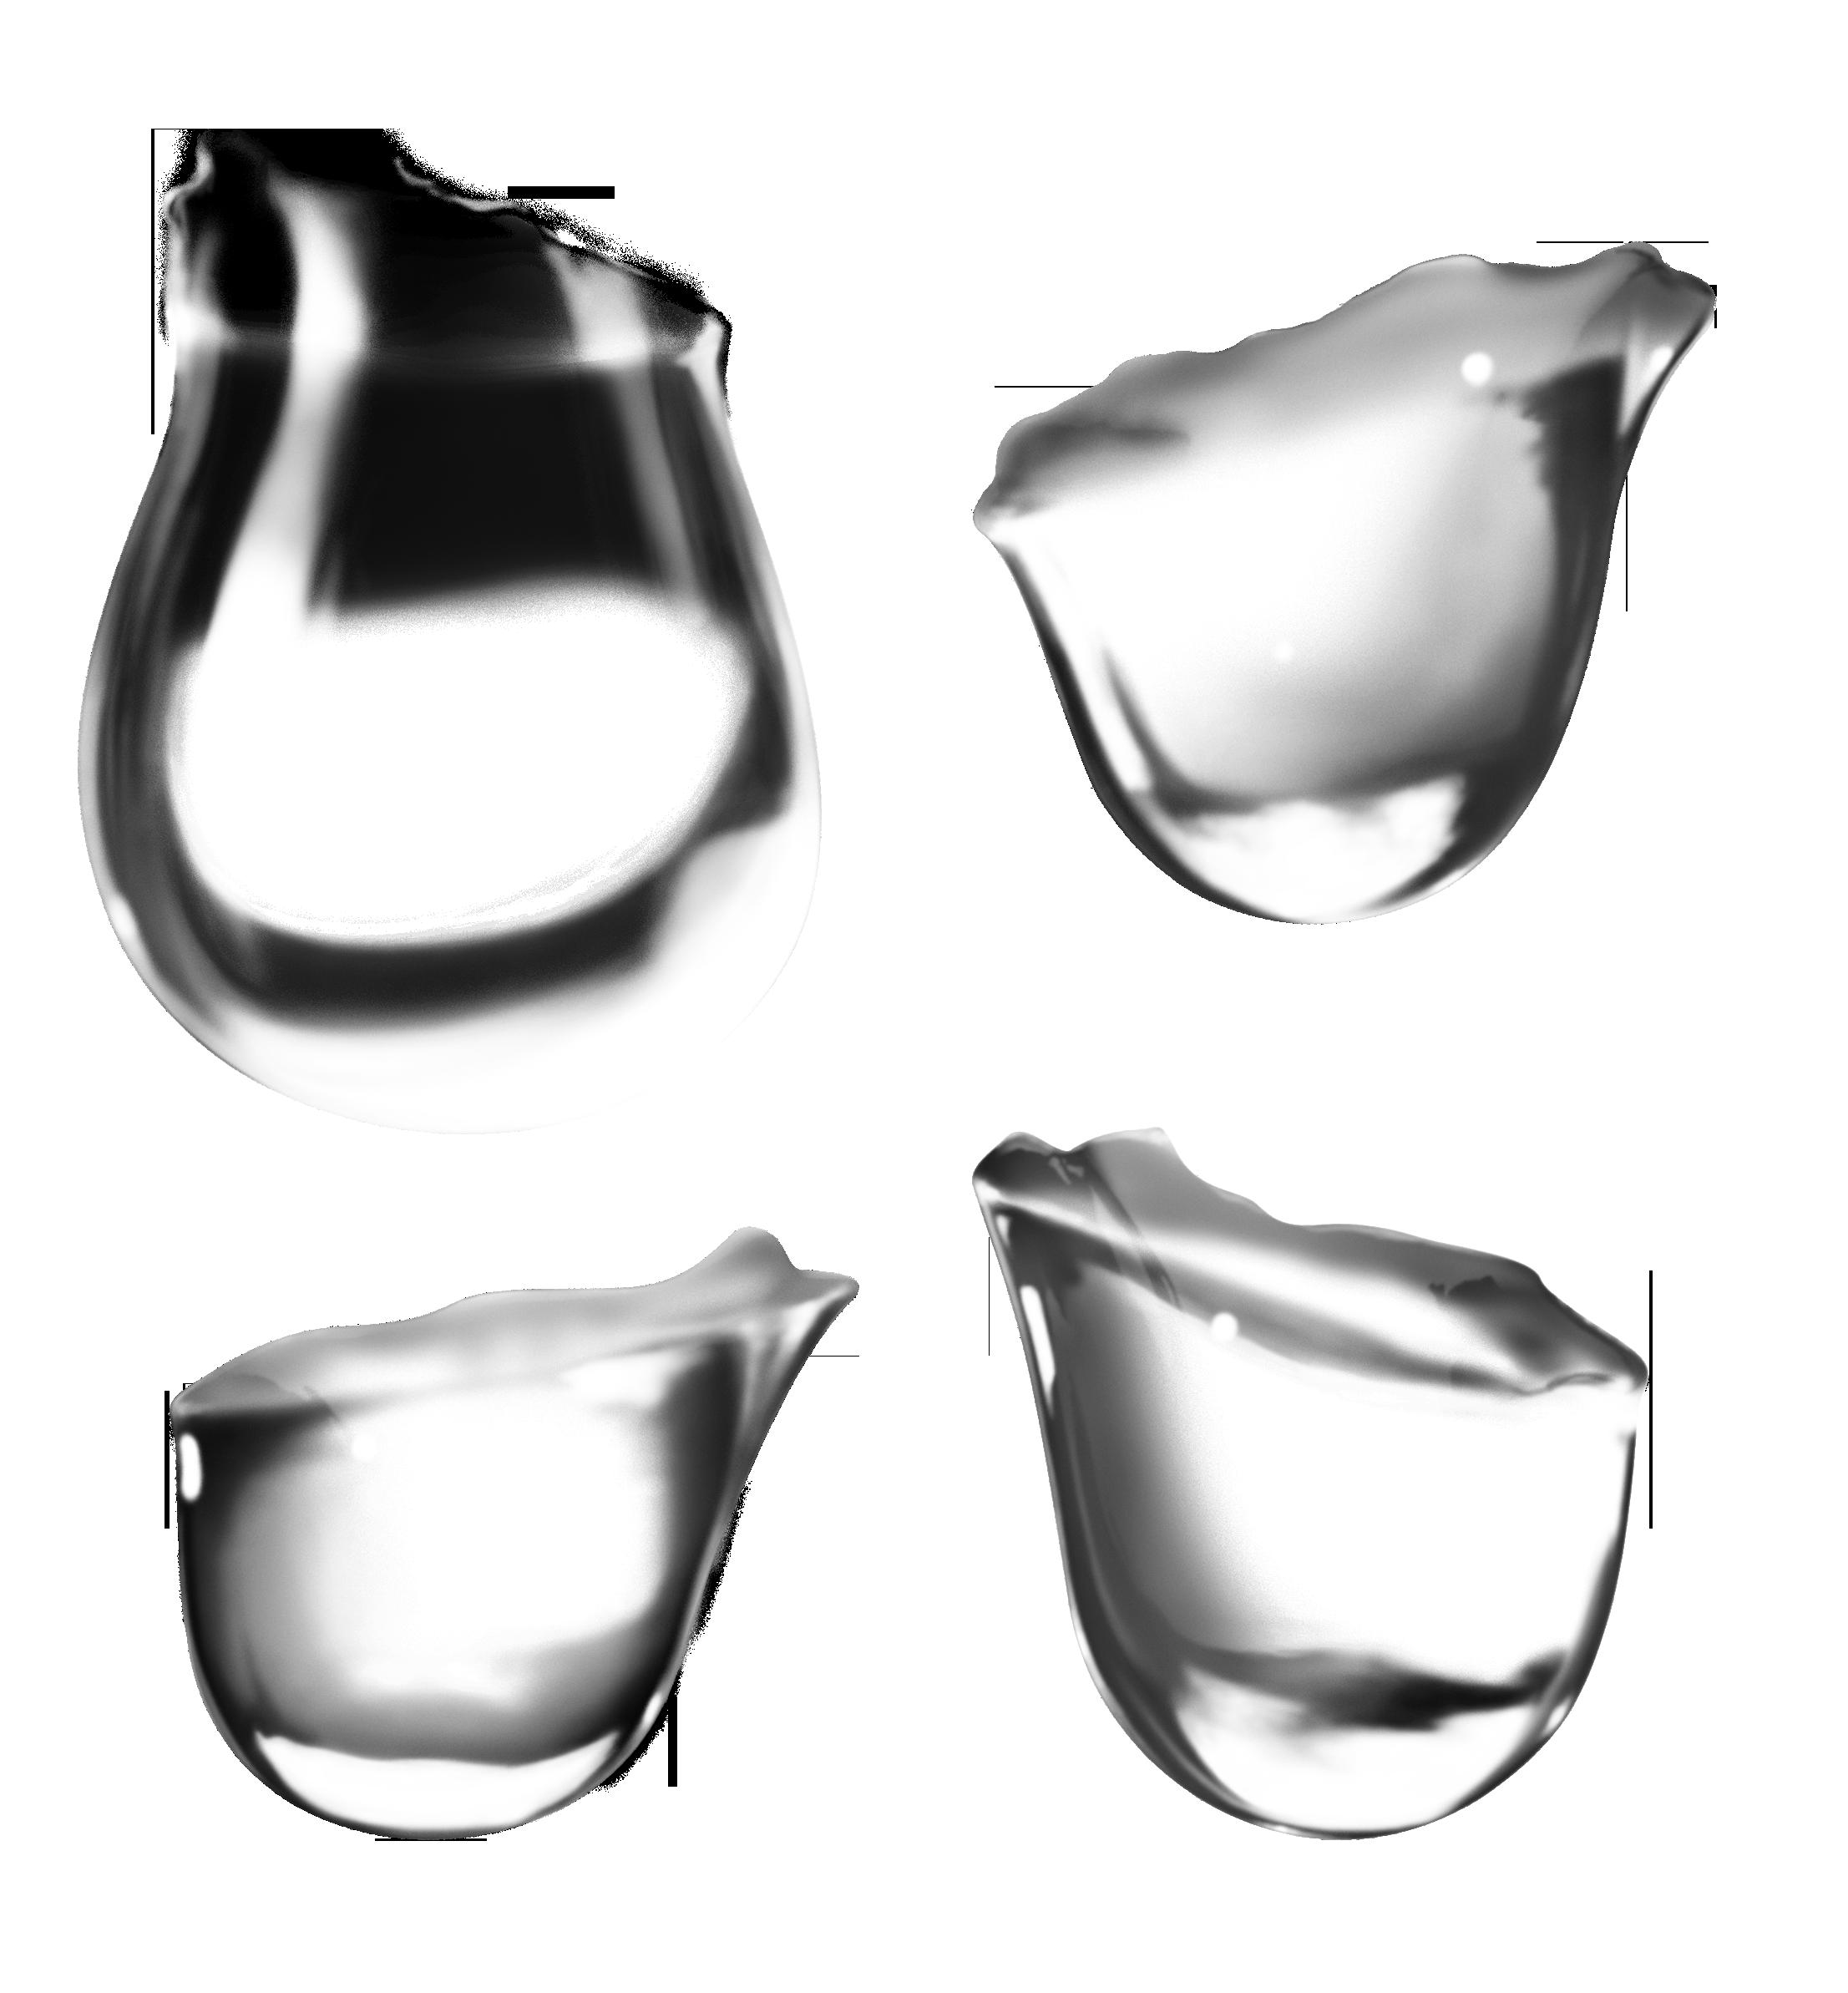 капли воды PNG фото